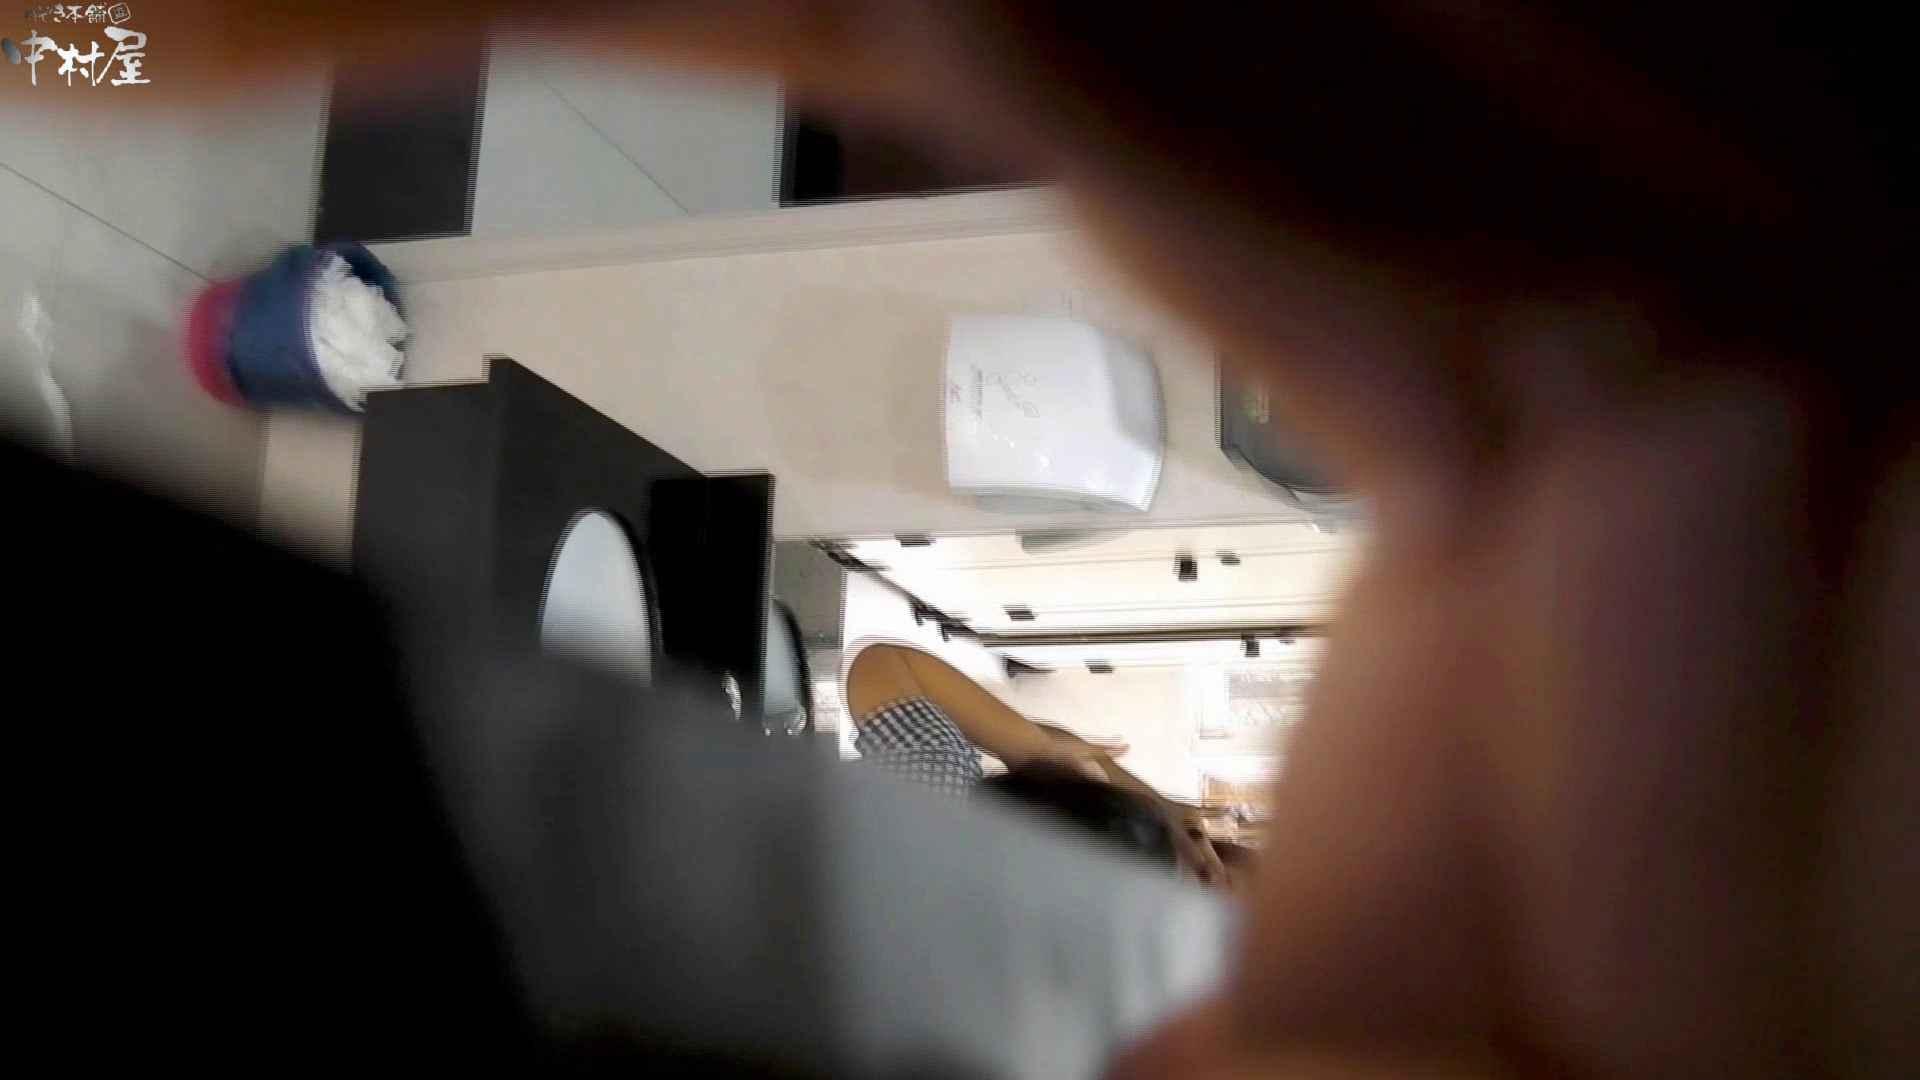 お市さんの「お尻丸出しジャンボリー」No.13 黄金水 セックス画像 97PIX 49